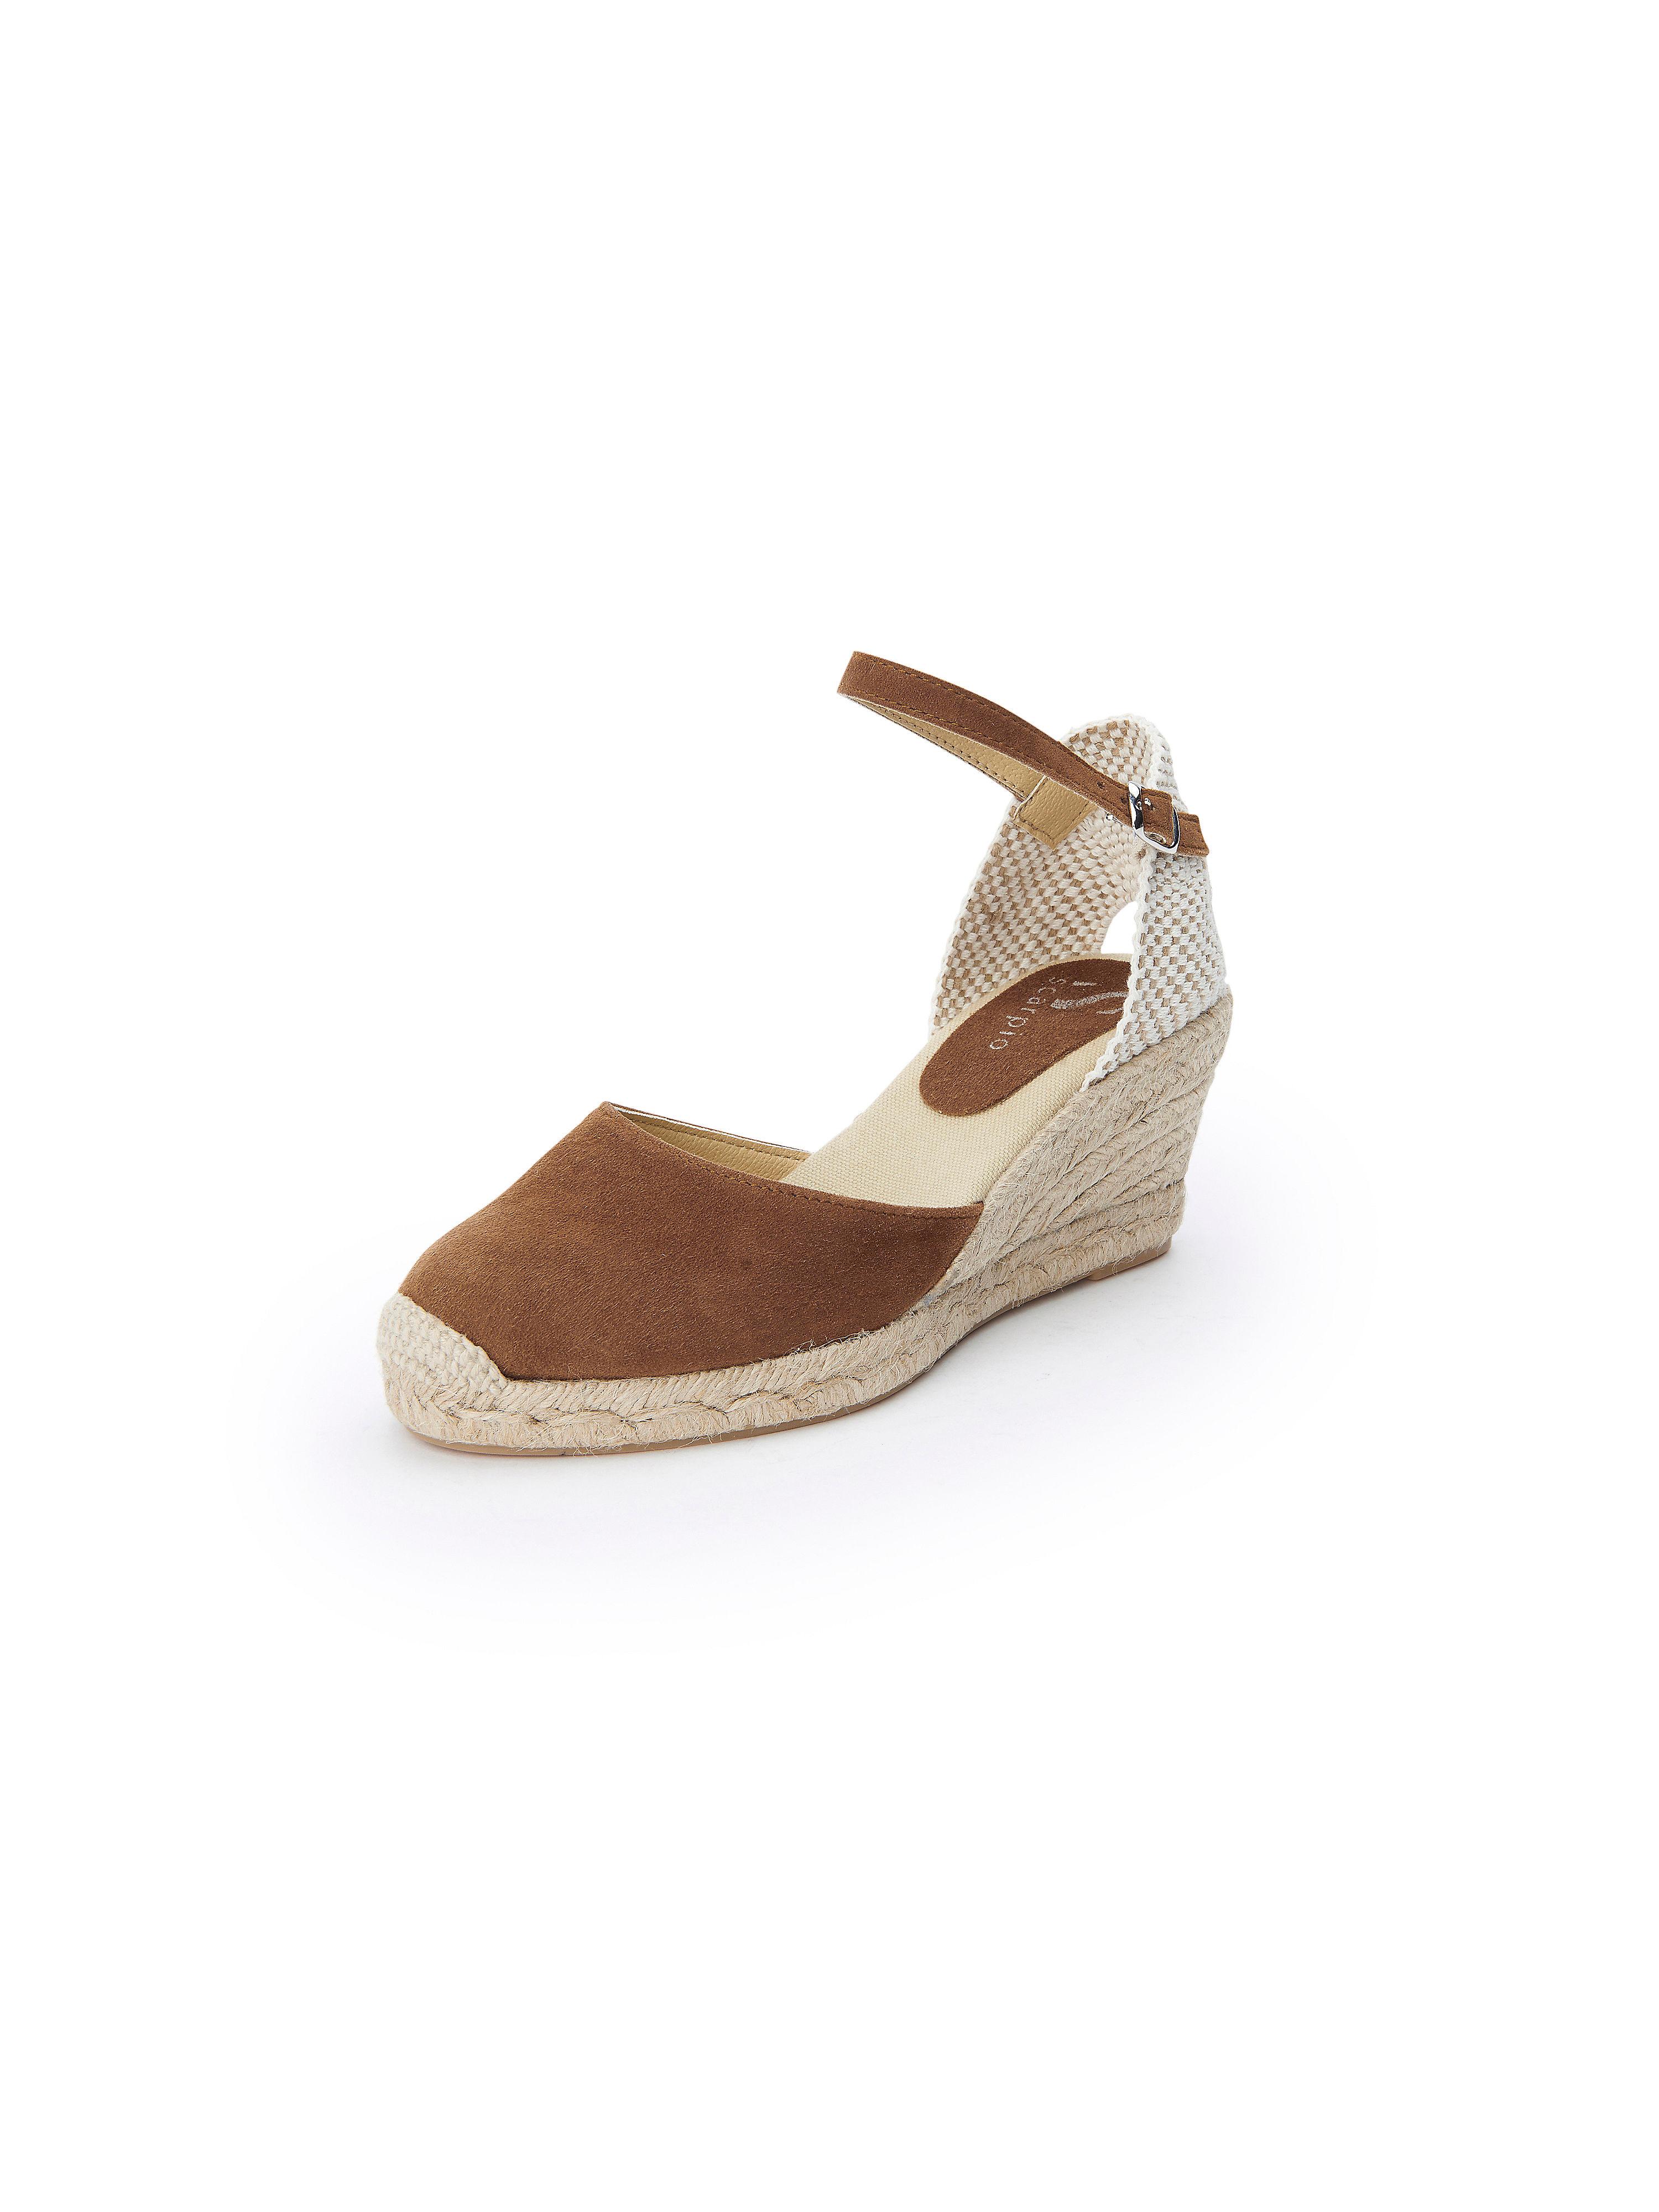 Les sandales cuir velours, talon compensé Scarpio marron taille 39